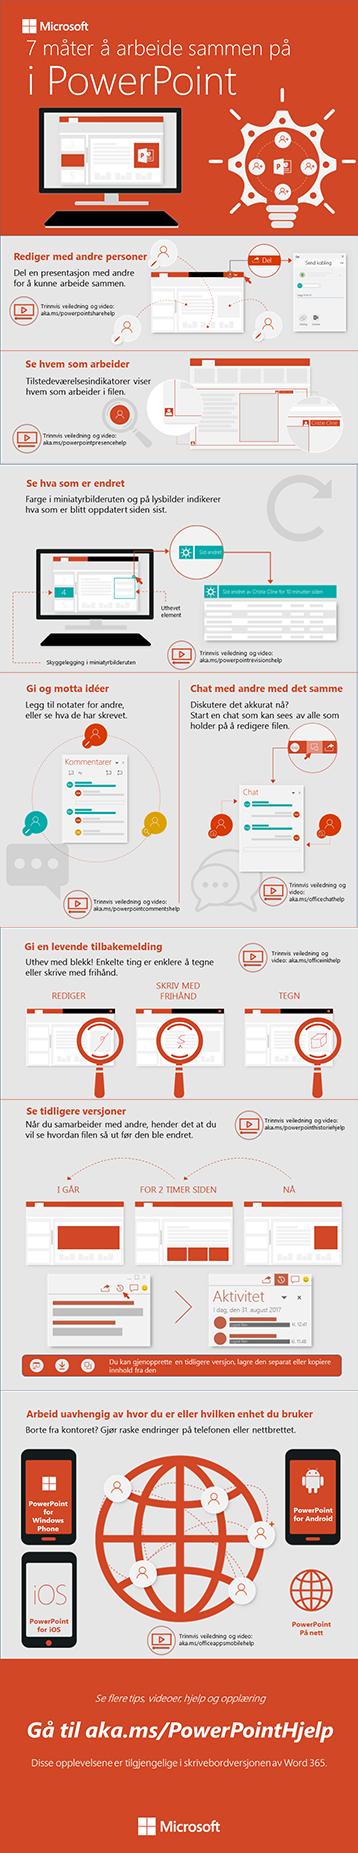 Måter å arbeide sammen i PowerPoint infografikk på